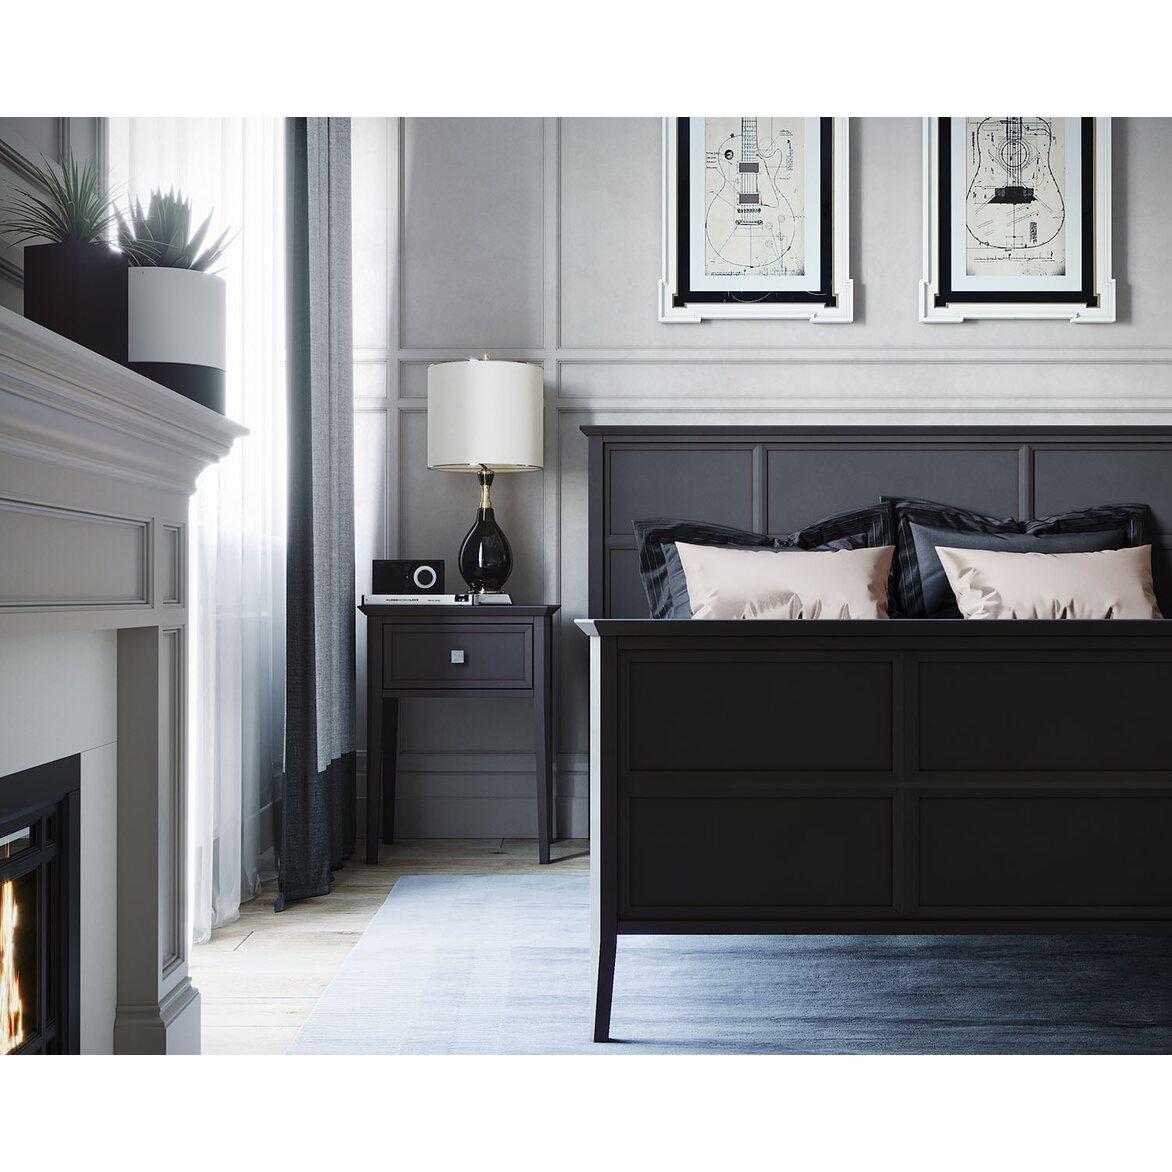 Кровать 160*200 Ellington, черная 5 | Двуспальные кровати Kingsby